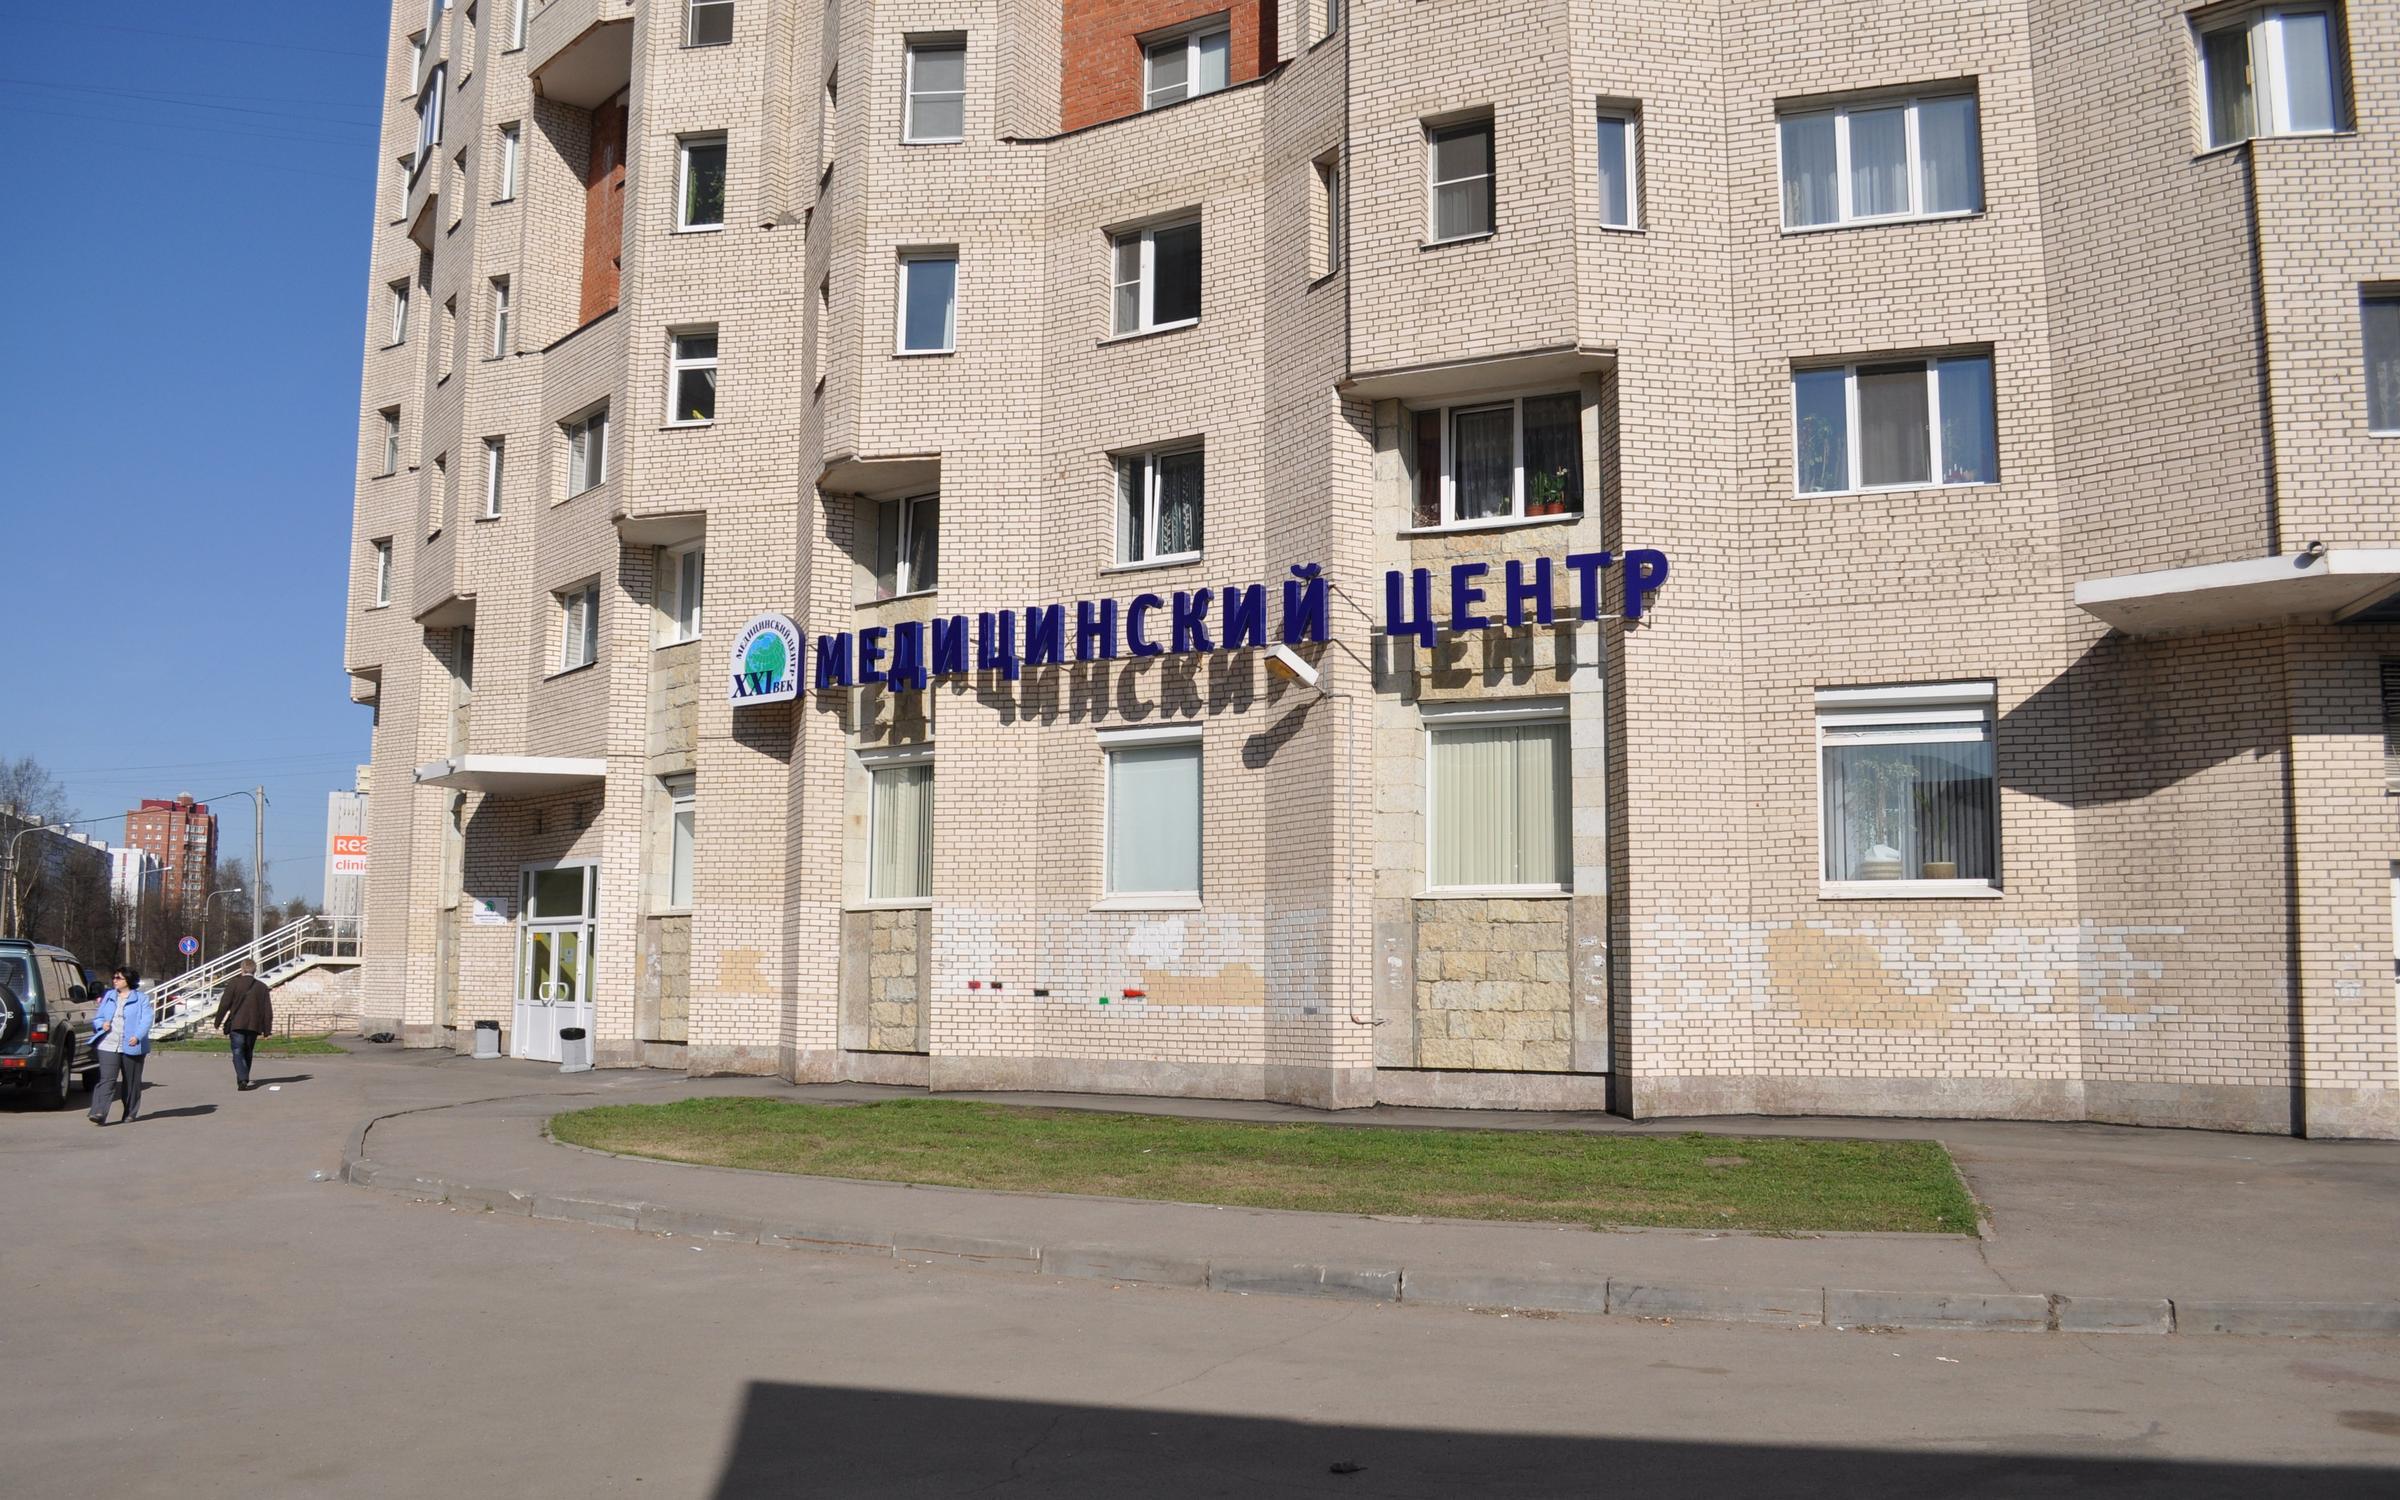 7e5b4a52f Медицинский центр XXI век на Коломяжском проспекте (21 век) отзывы, фото,  цены, телефон и адрес - Медицинские центры - Санкт-Петербург - Zoon.ru